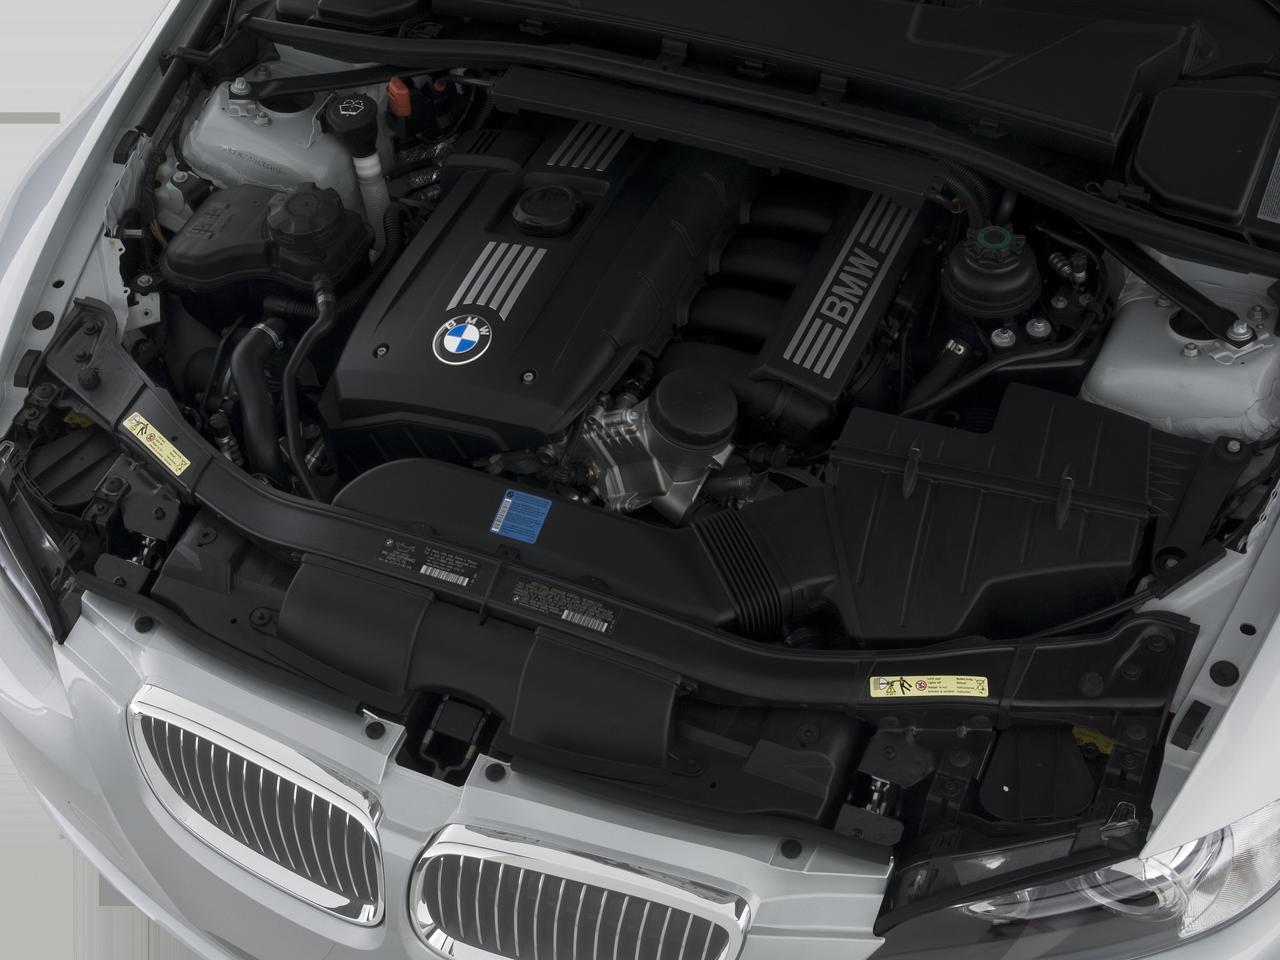 2010 bmw 335d bmw 3 series diesel sedan review automobile magazine bmw 335d injectors bmw 335d engine diagram #42